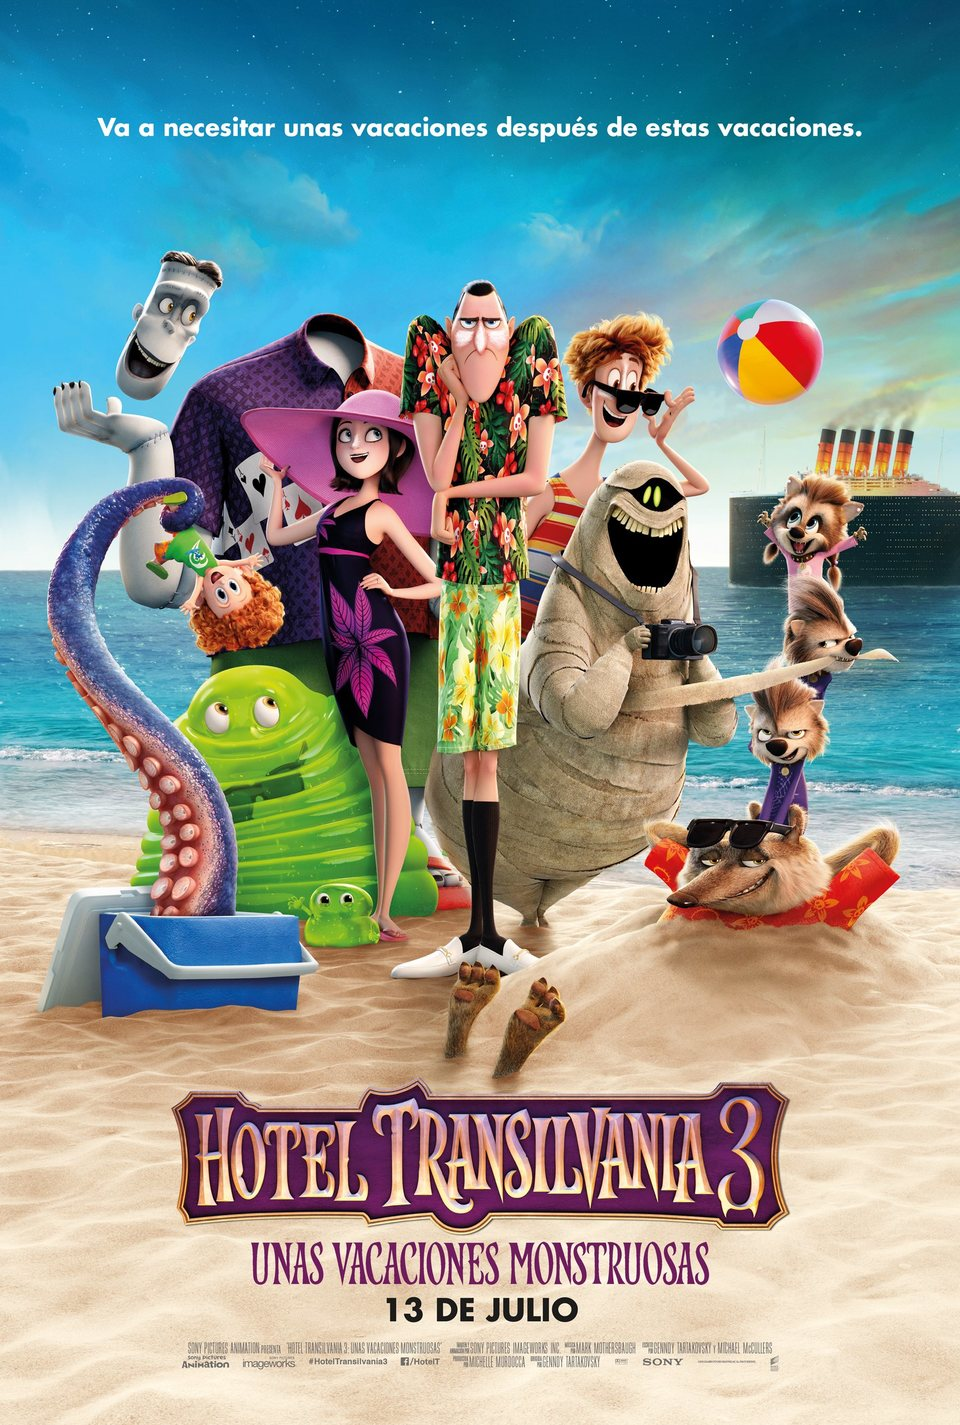 Cartel Cartel España de 'Hotel Transilvania 3: Unas vacaciones monstruosas'